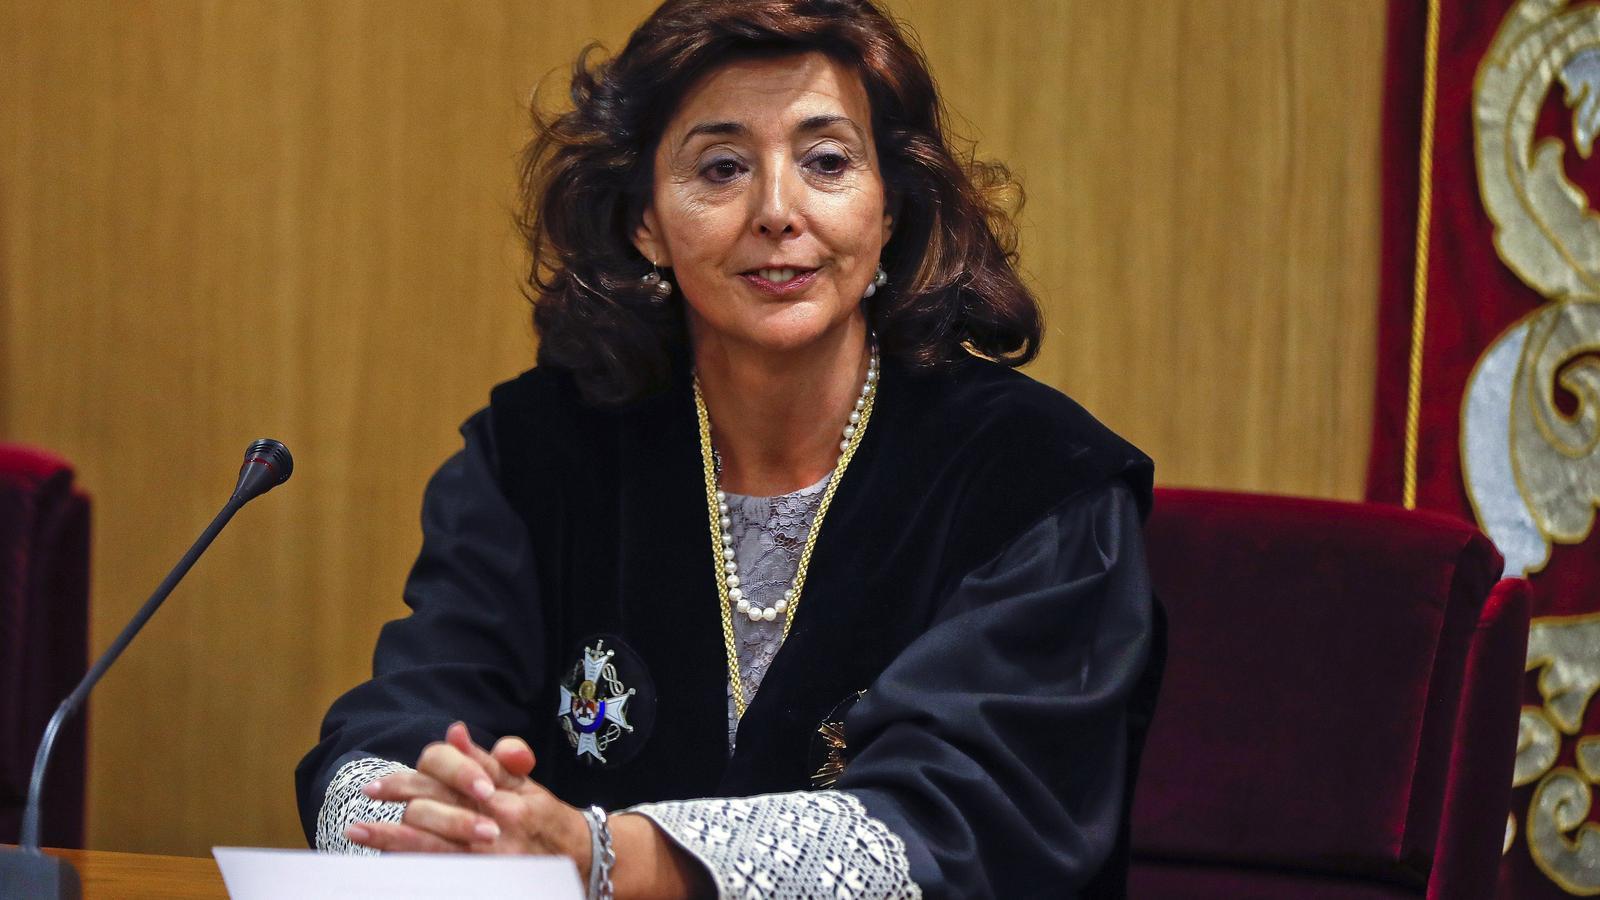 El tribunal que ha juzgado a Trapero: de mayoría conservadora pero con un ponente marcadamente progresista